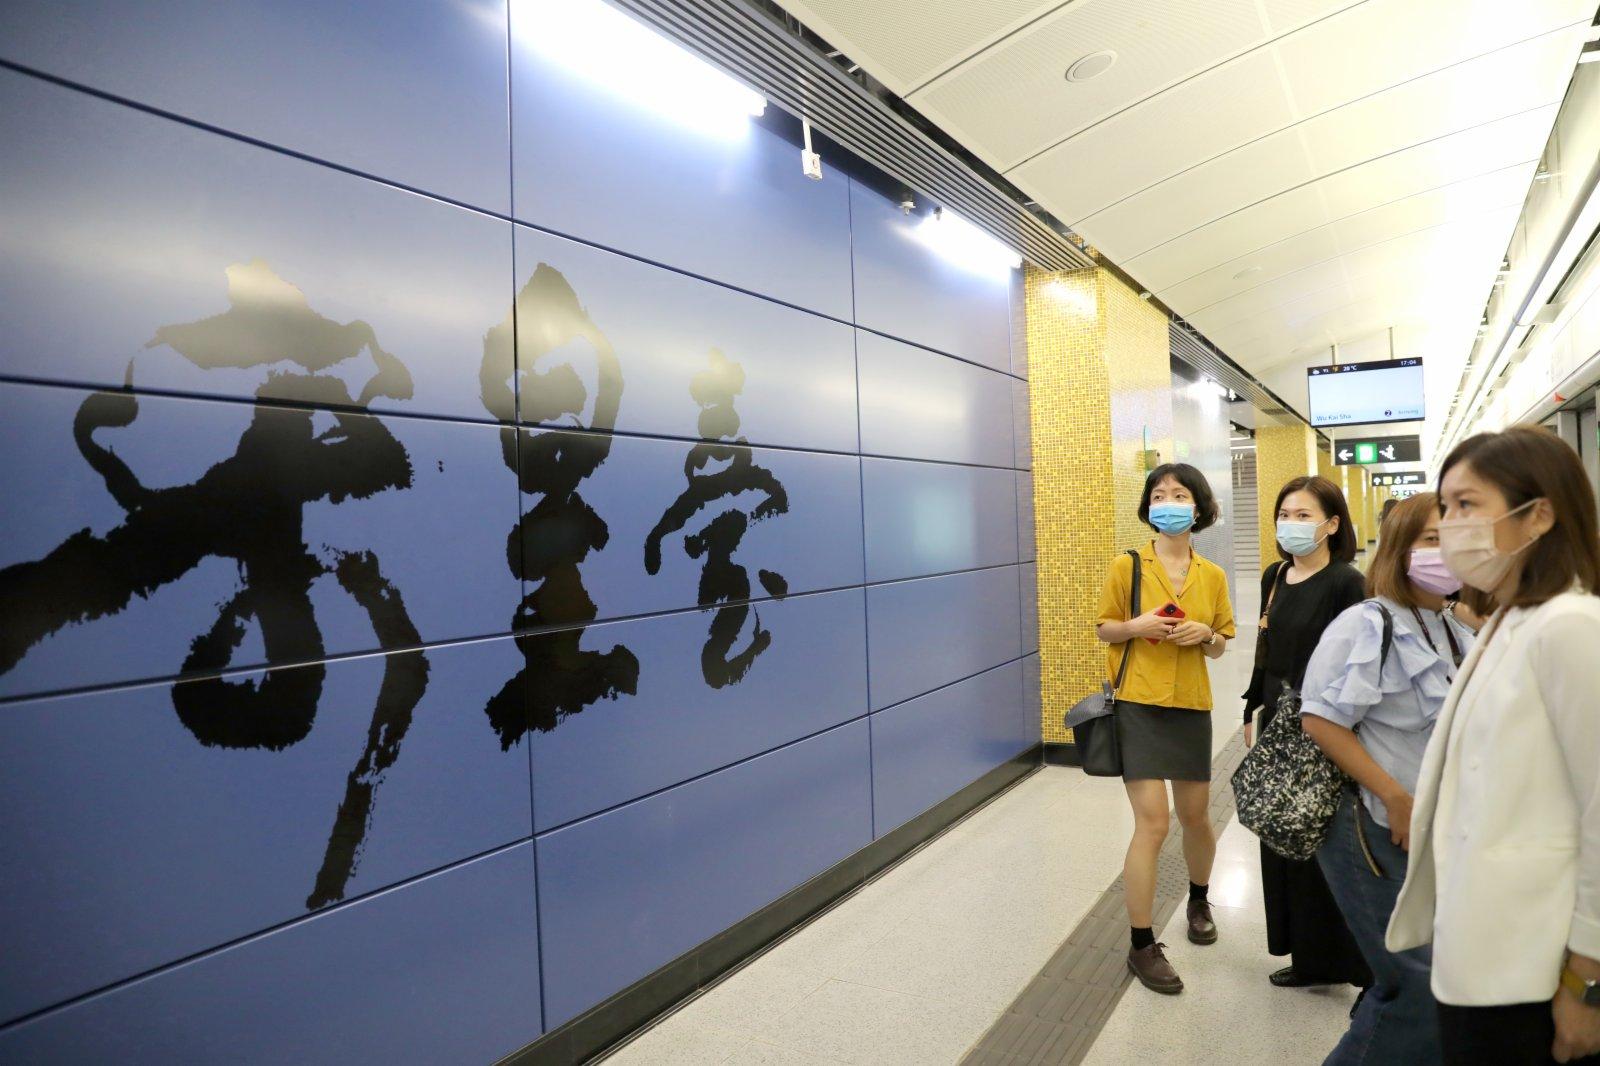 用傳統書法演繹的地鐵站站名「宋皇臺」(7月6日攝)。(新華社)